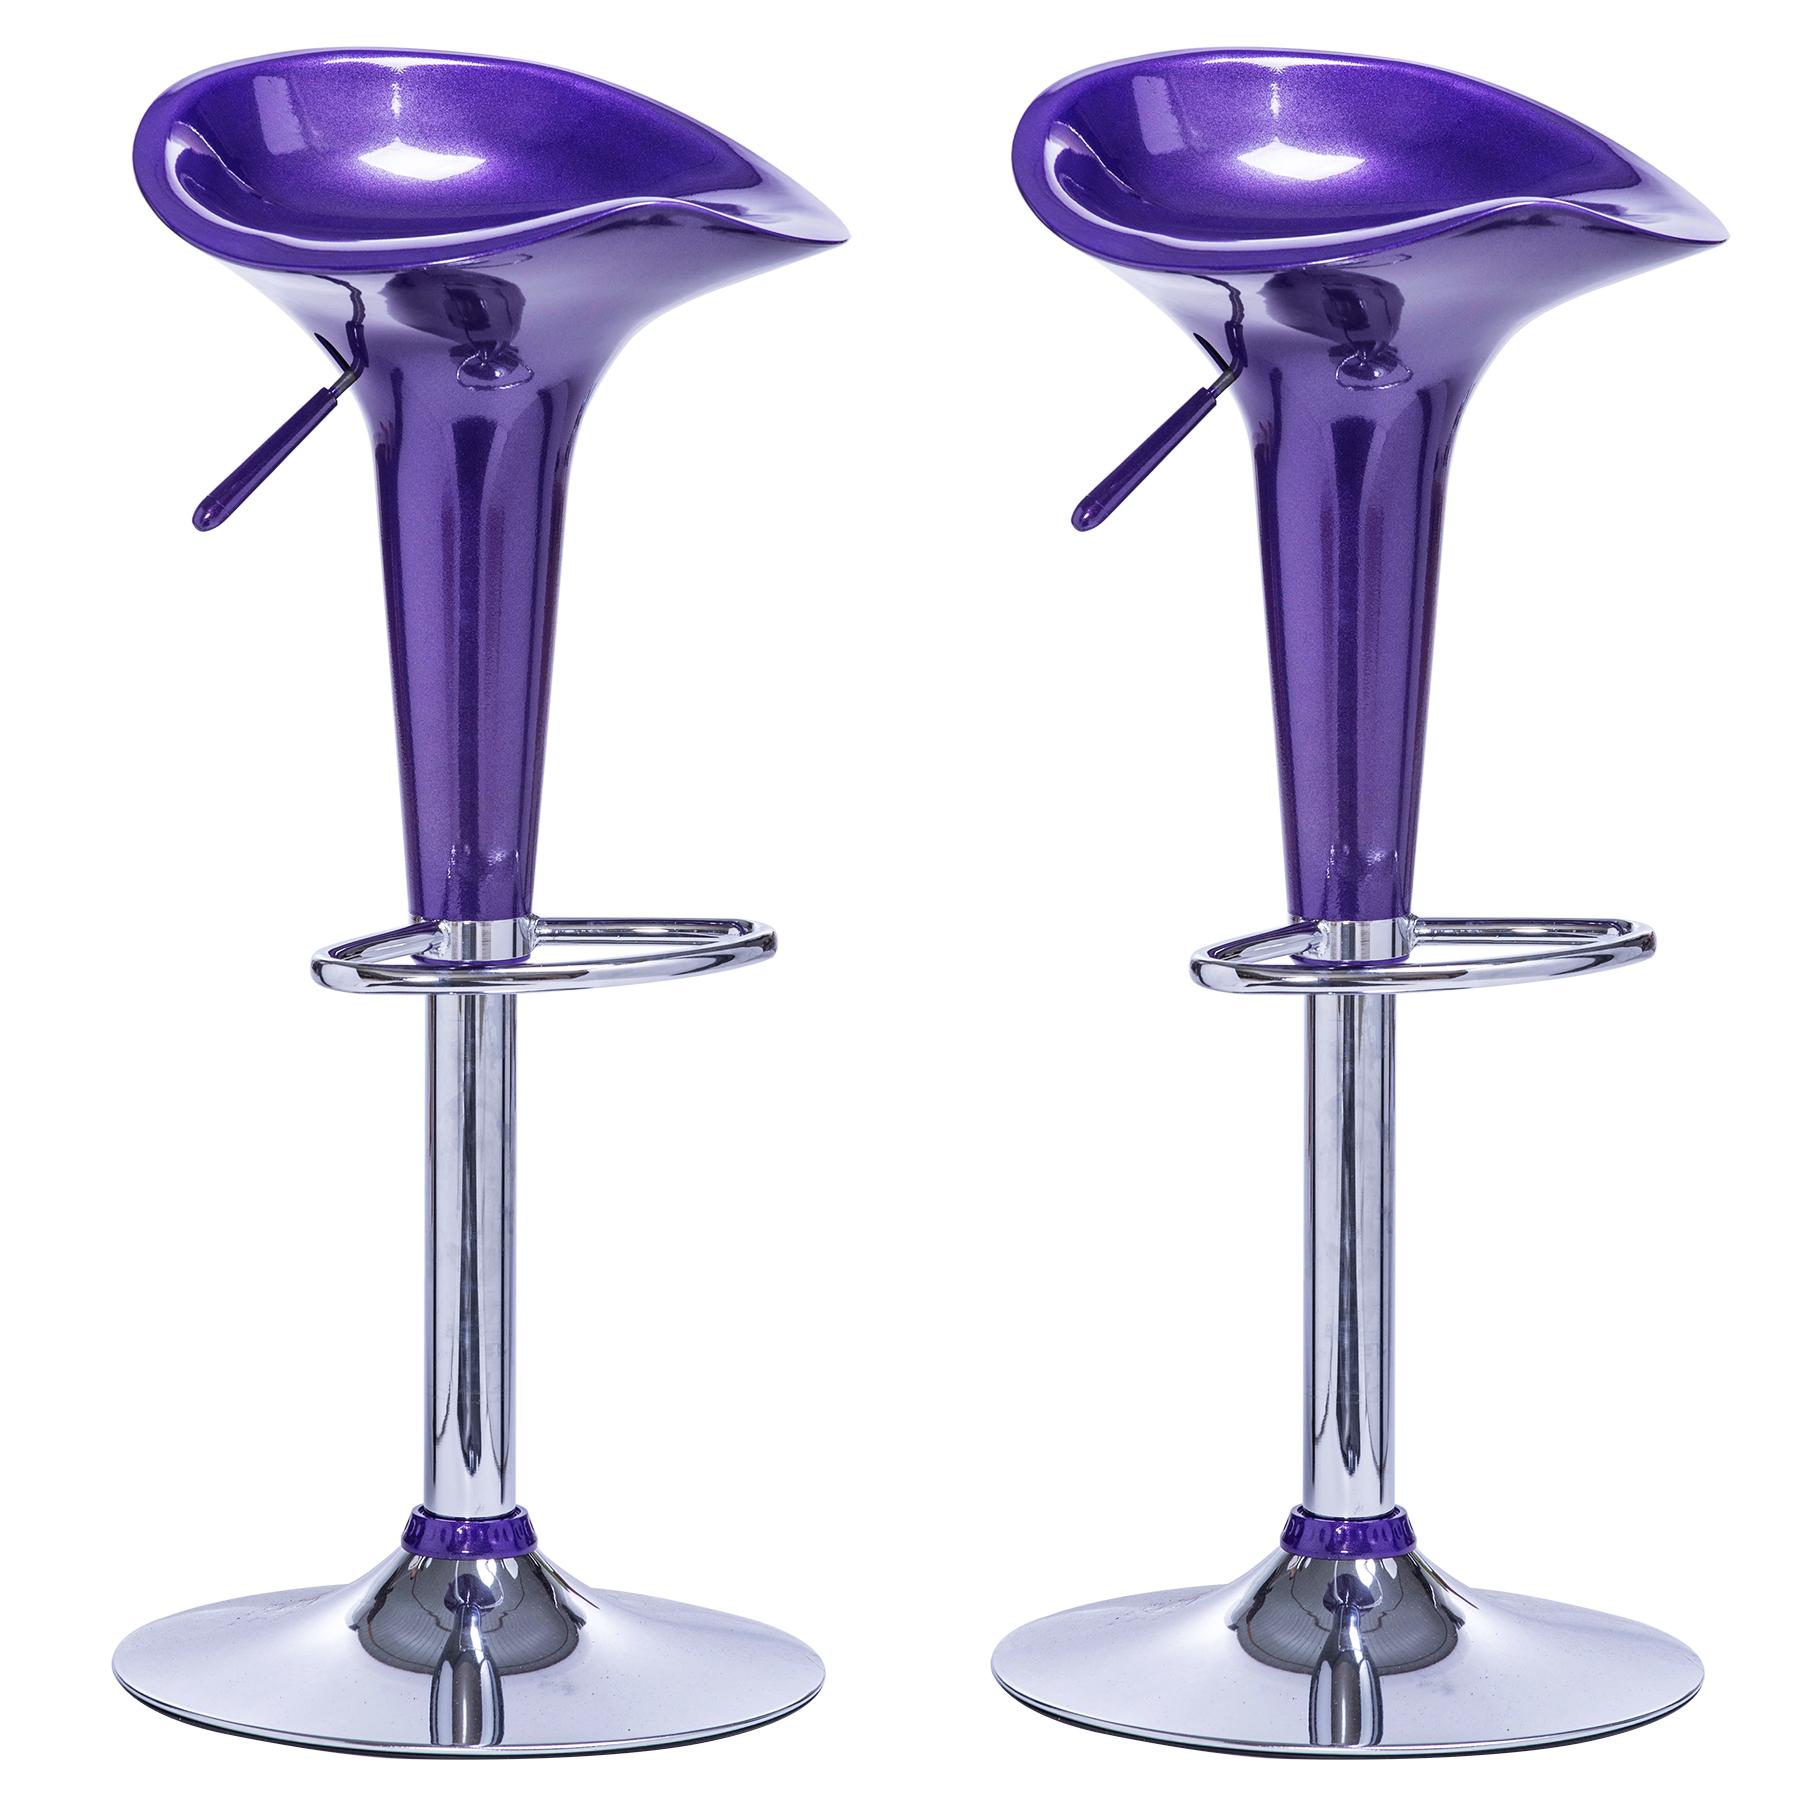 lot de 2 tabourets de bar r glable en plastique chaise de bar cuisine f025 ebay. Black Bedroom Furniture Sets. Home Design Ideas